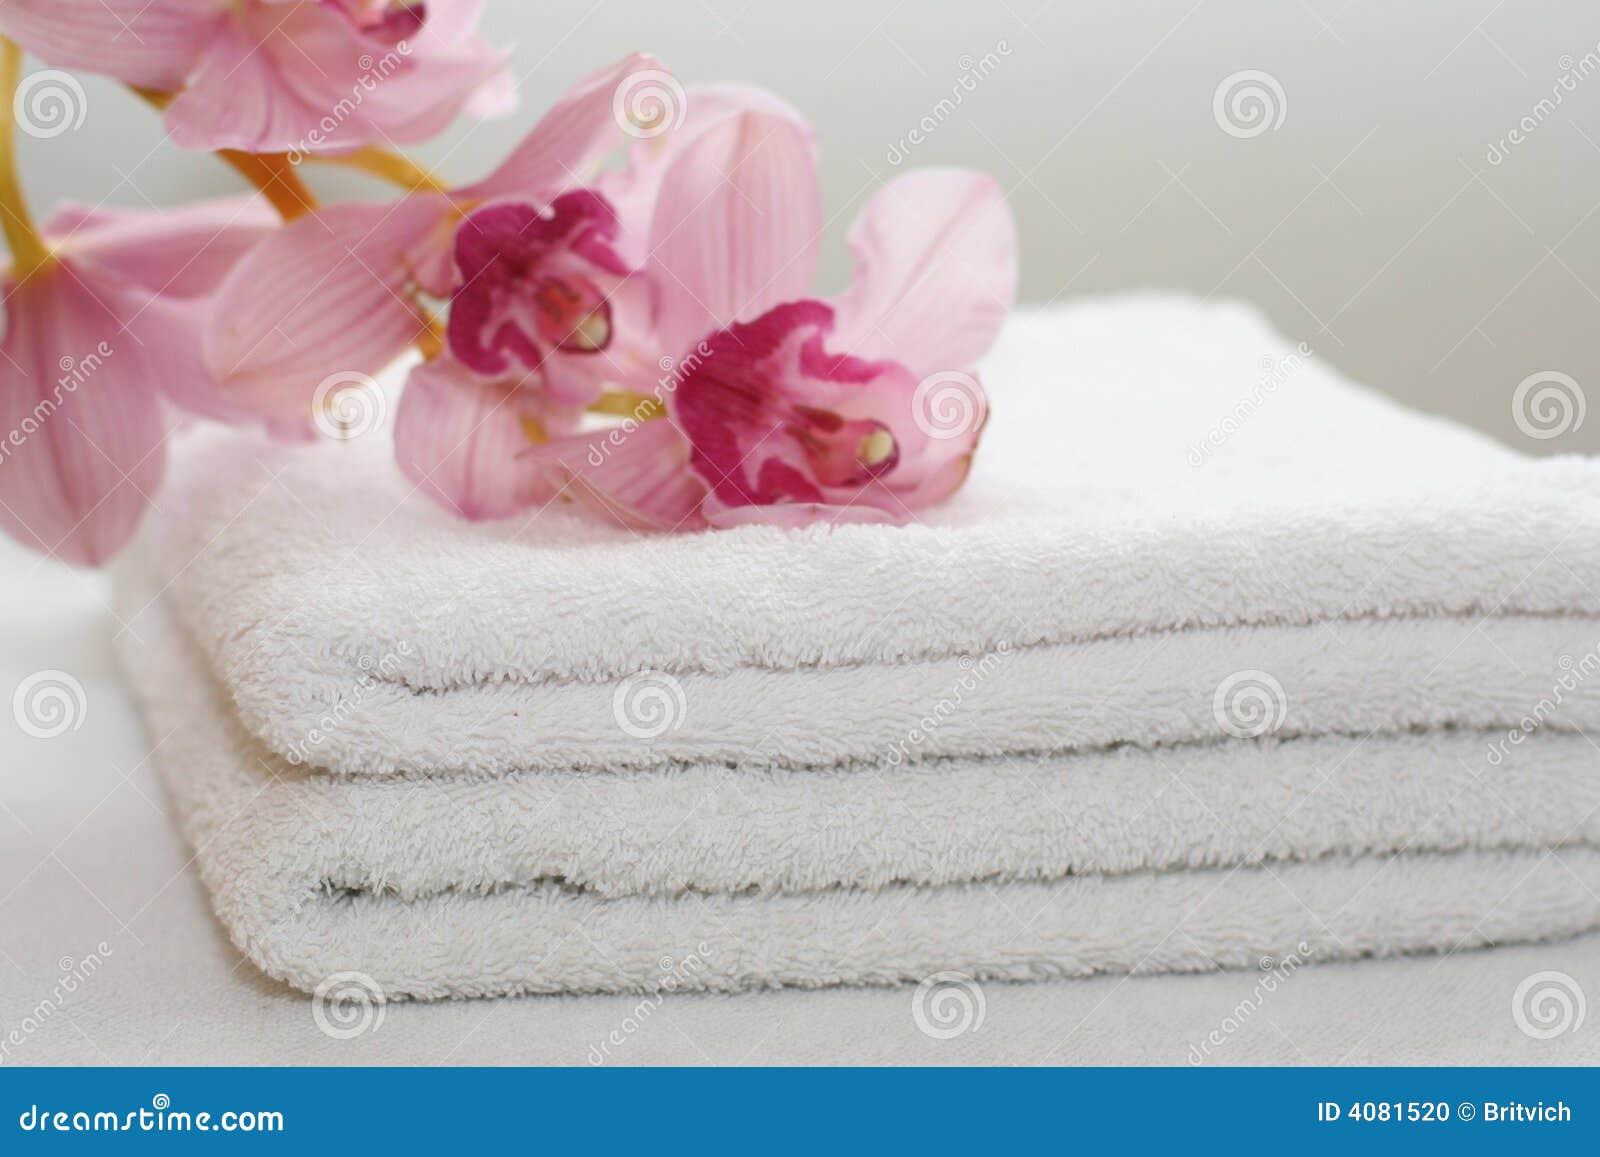 Acessórios do banho com toalhas sabão e orquídeas. #96293C 1300x957 Acessorios Banheiro Zen